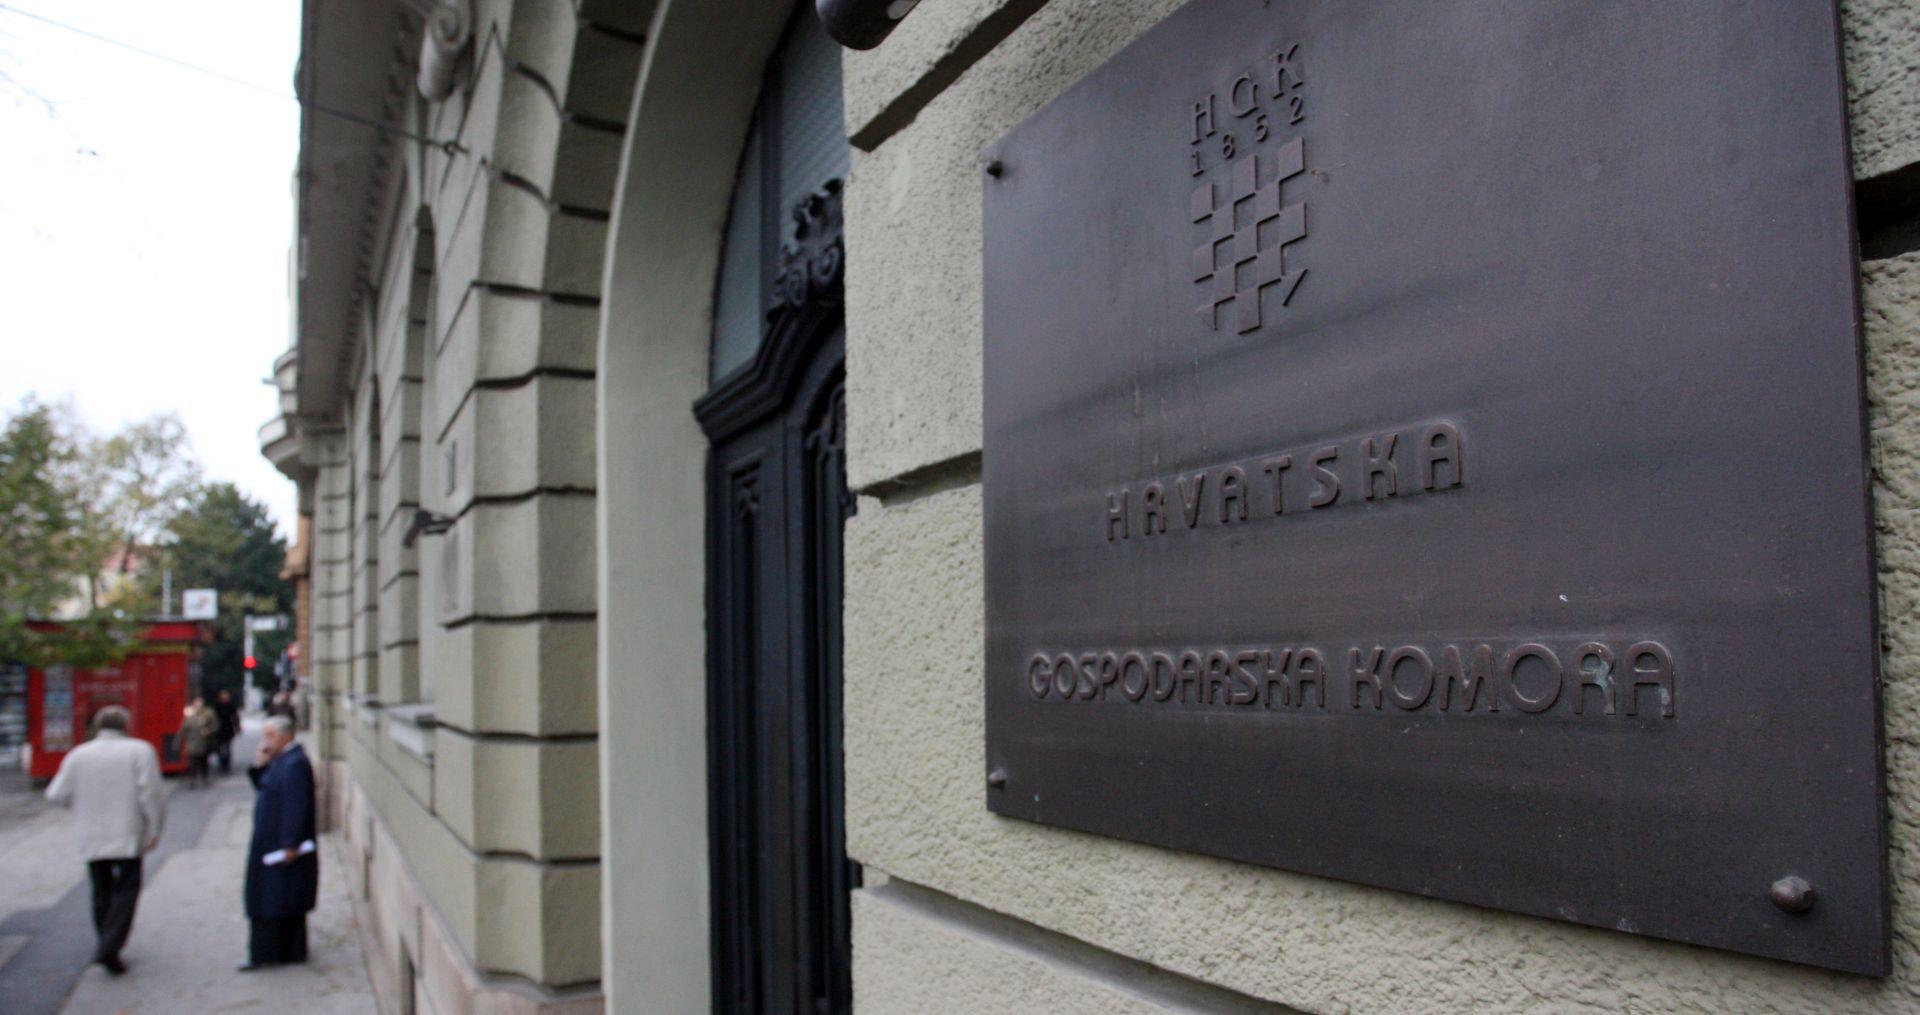 Poduzetnici u Hrvatskoj susreću se s tri velika izazova